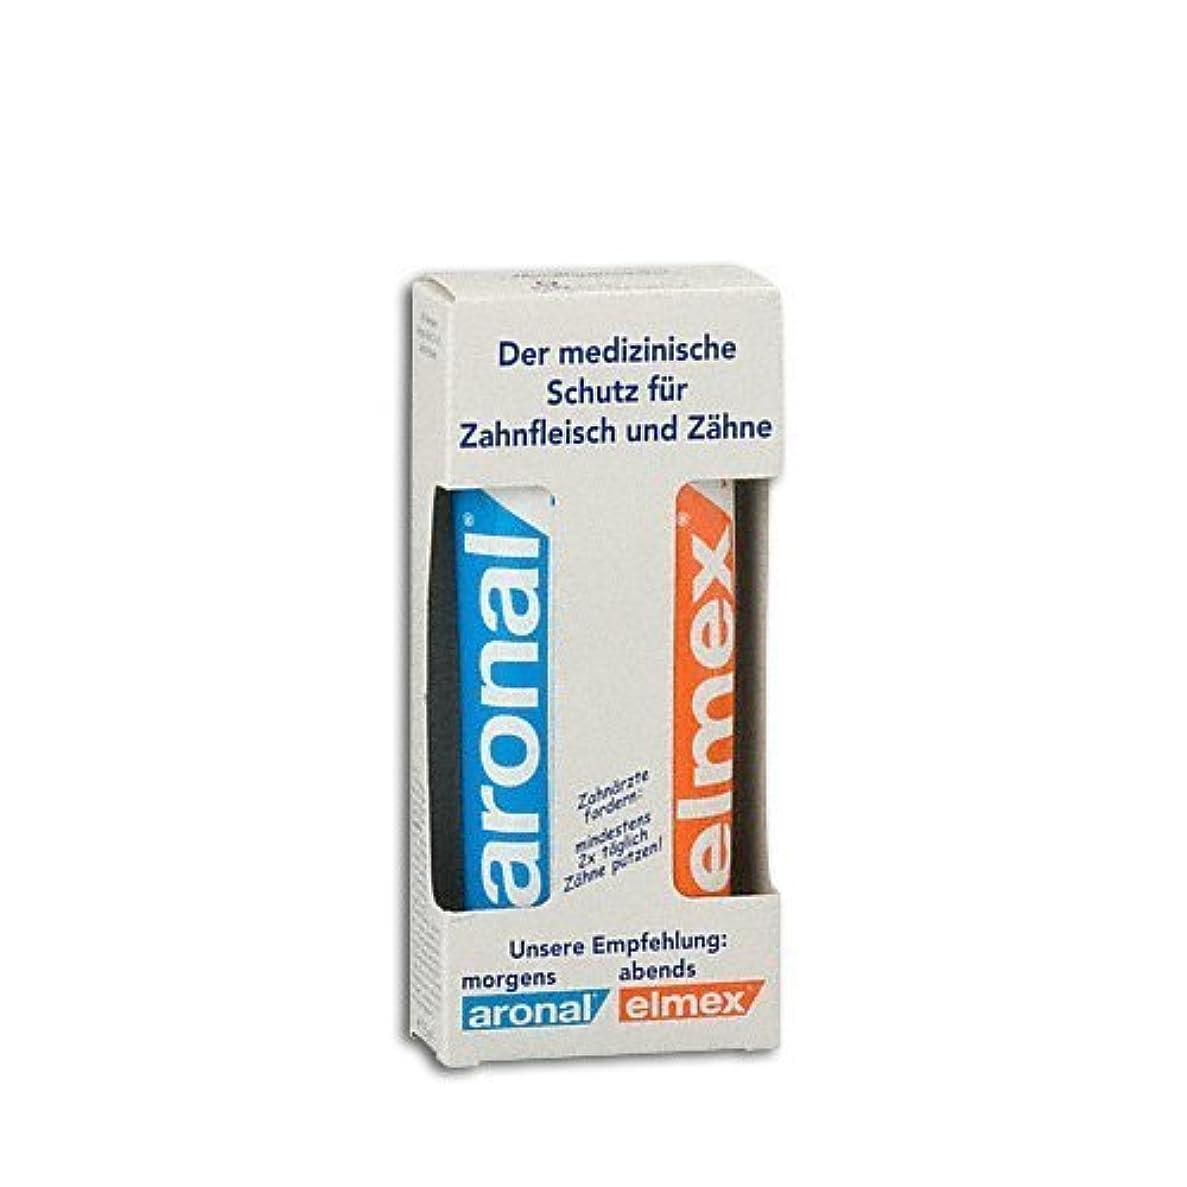 不信何よりも本当にアロナール&エルメックス 歯磨き粉セット(朝/夜) 75ml (aronal & elmex toothpaste set 75ml) 【並行輸入品】